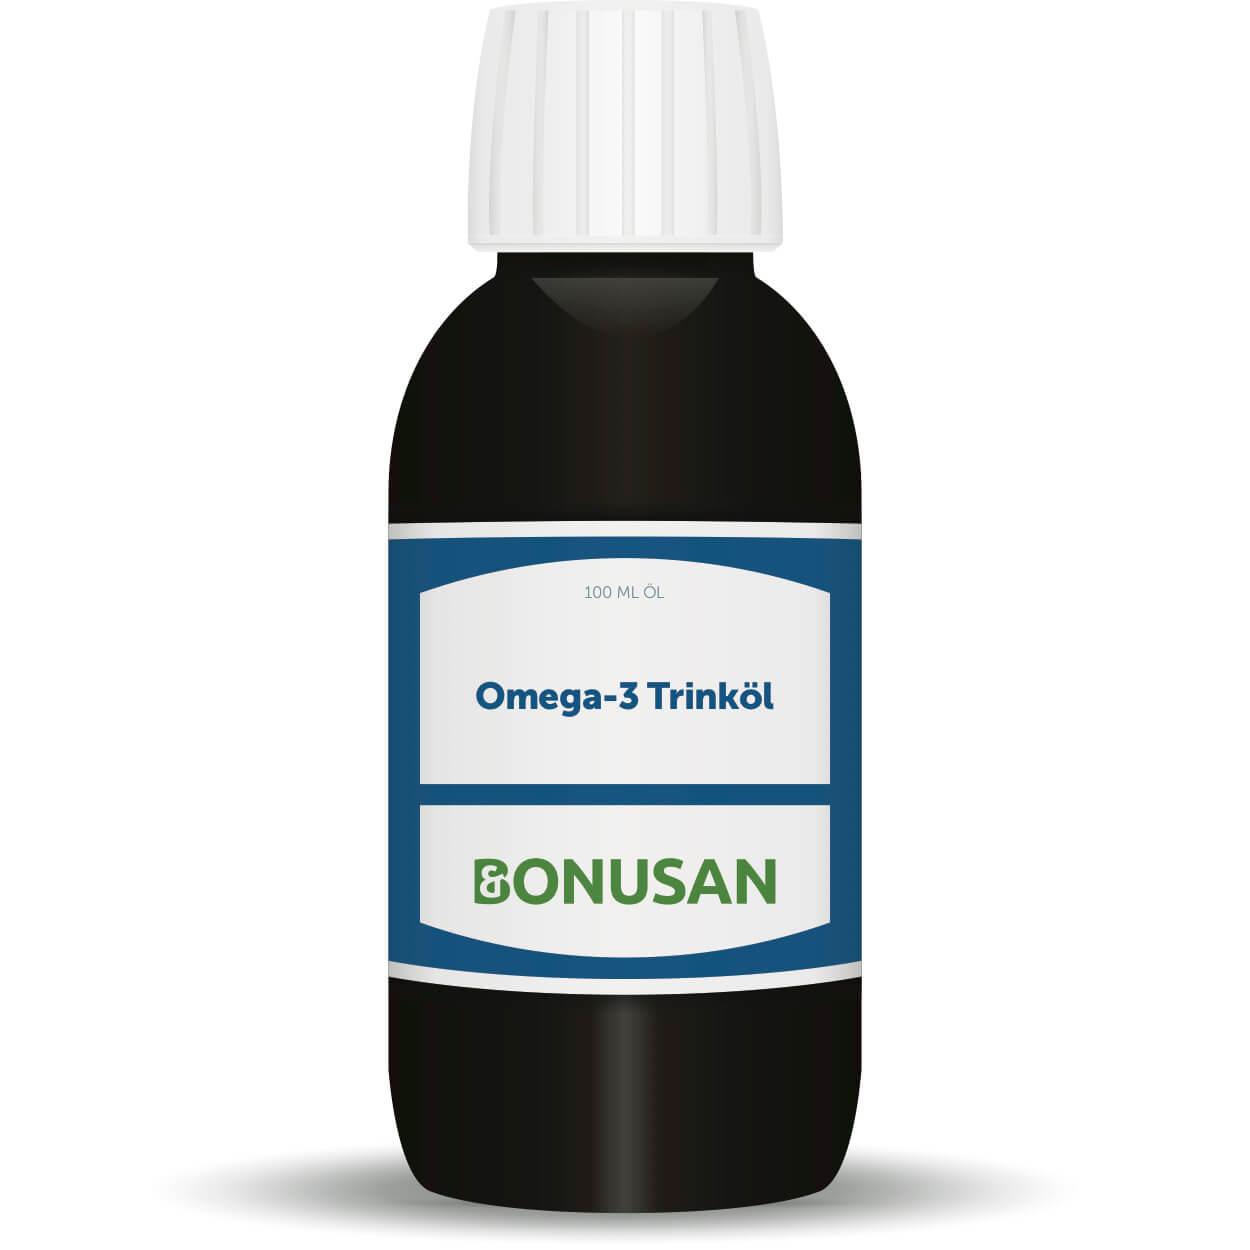 Omega-3 Trink-Öl